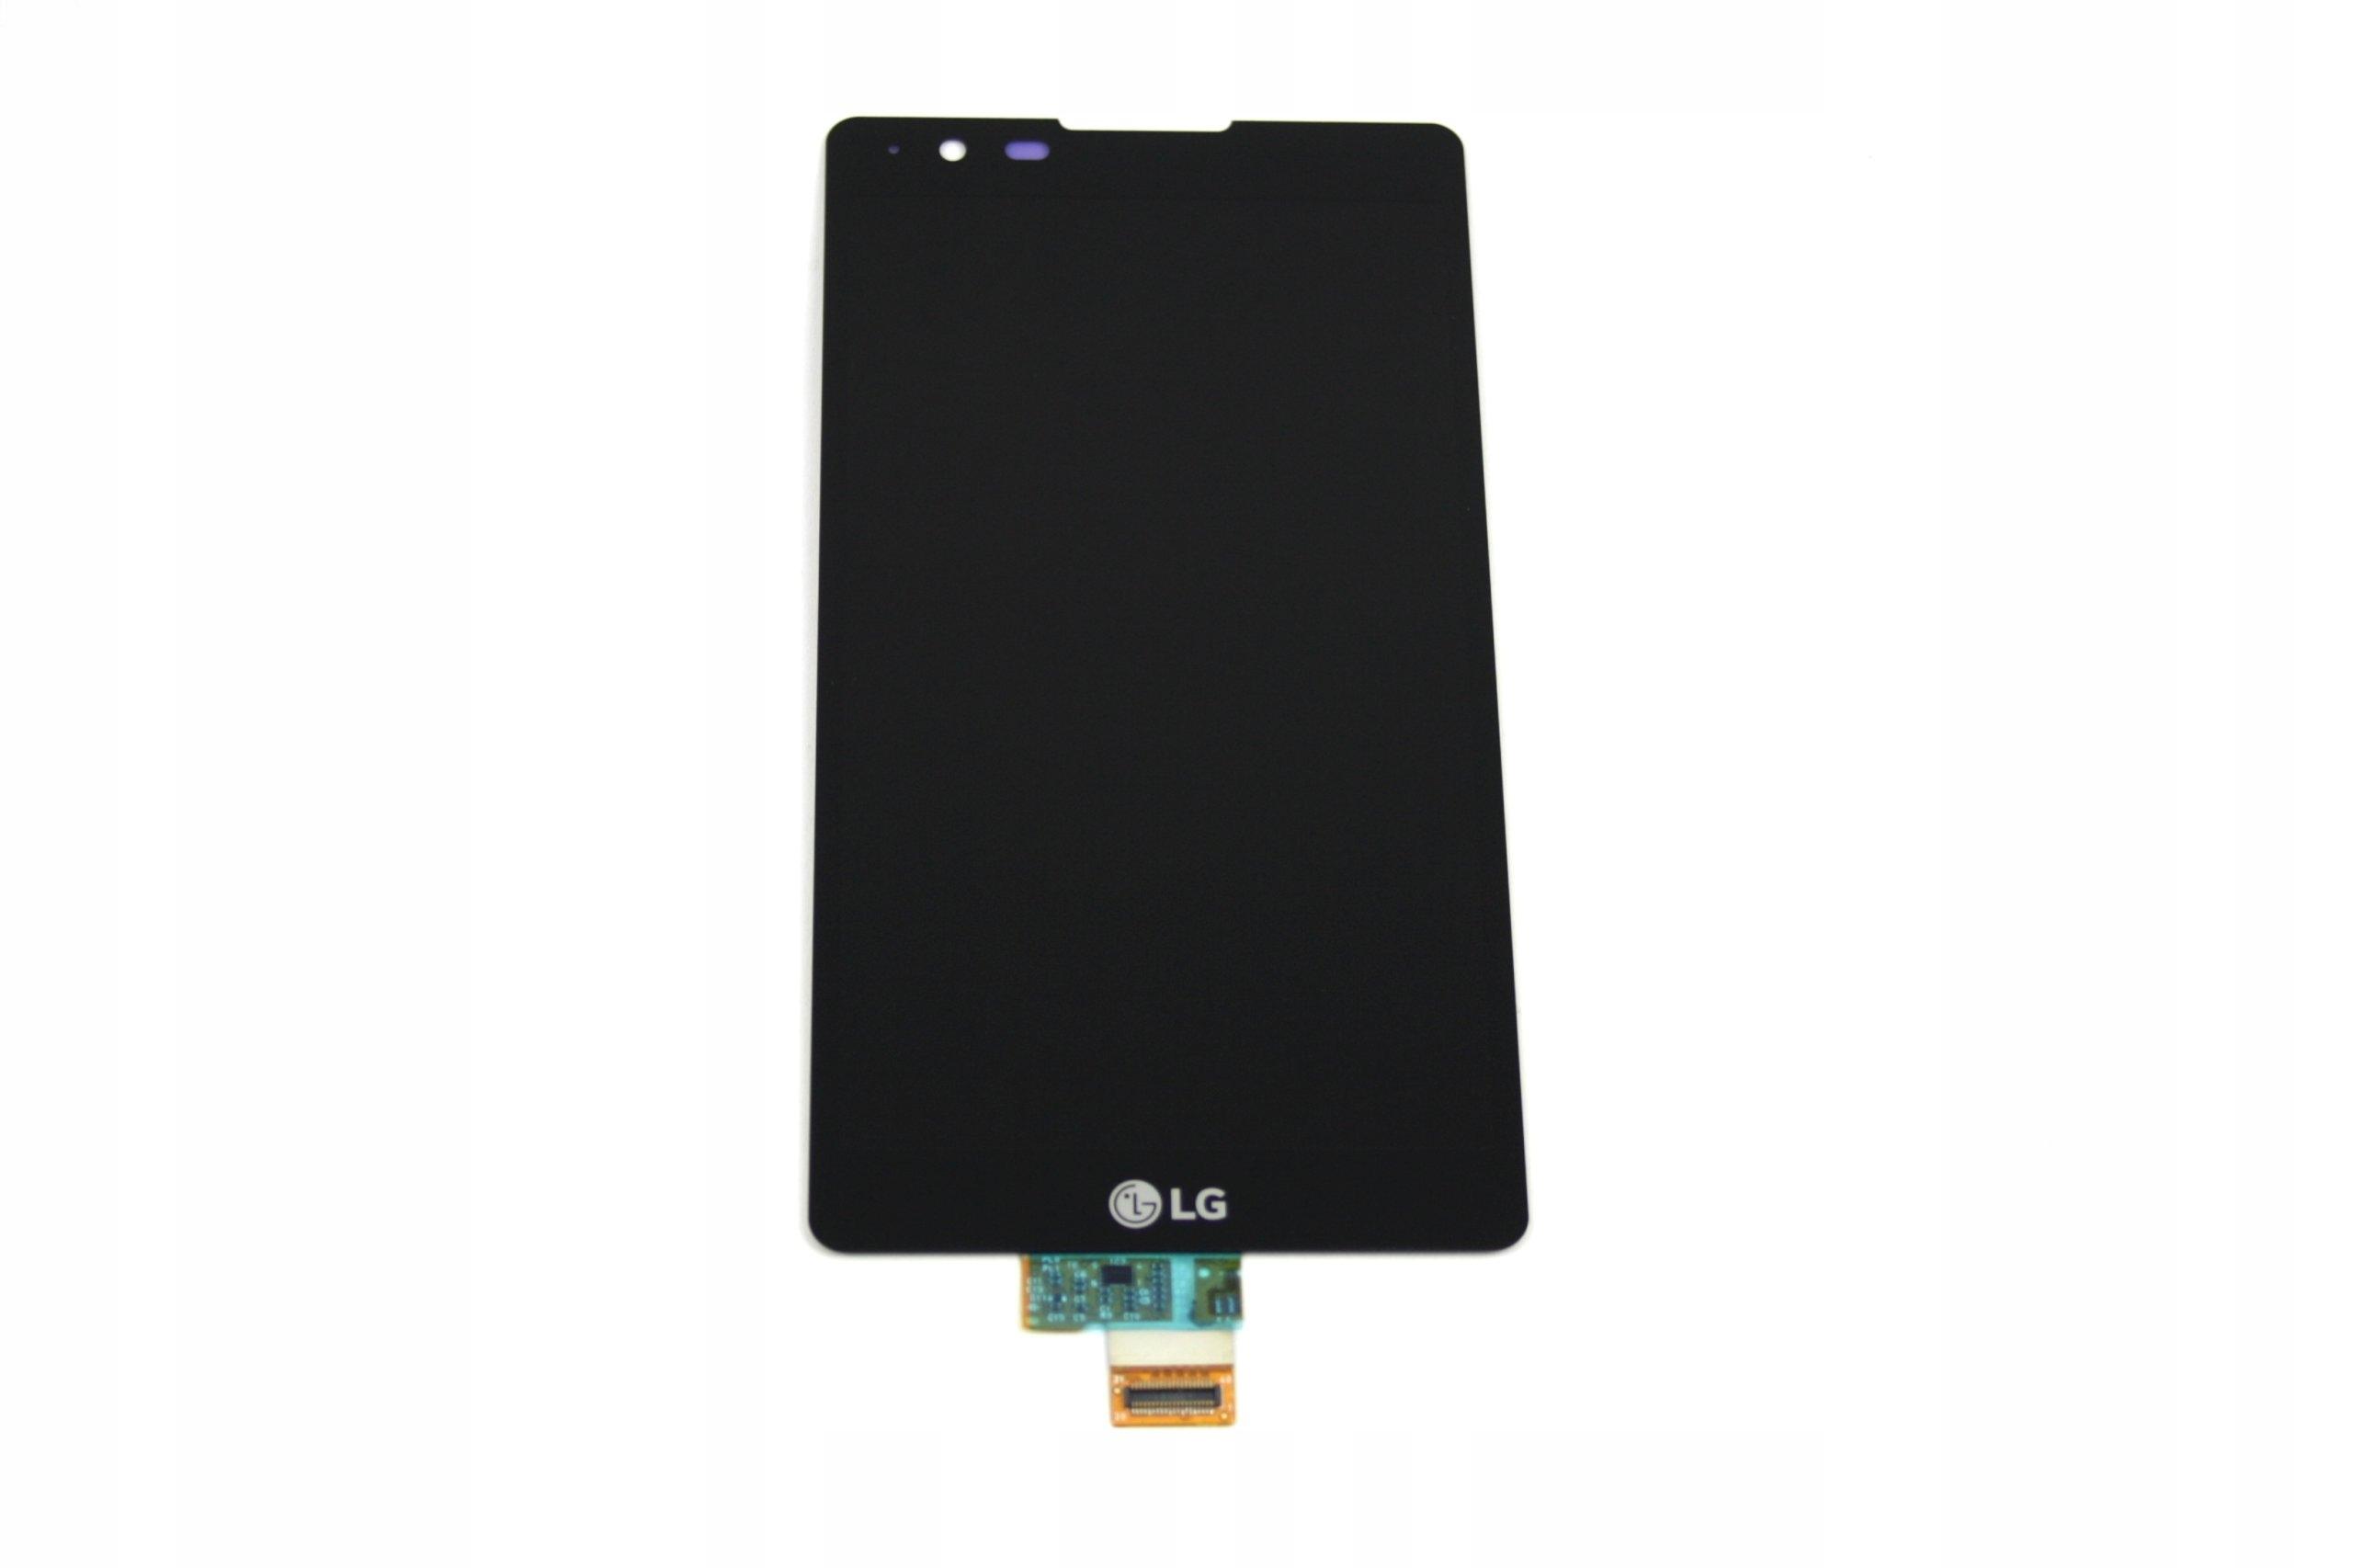 LCD WYŚWIETLACZ + DOTYK LG K220 CZARNY XPOWER